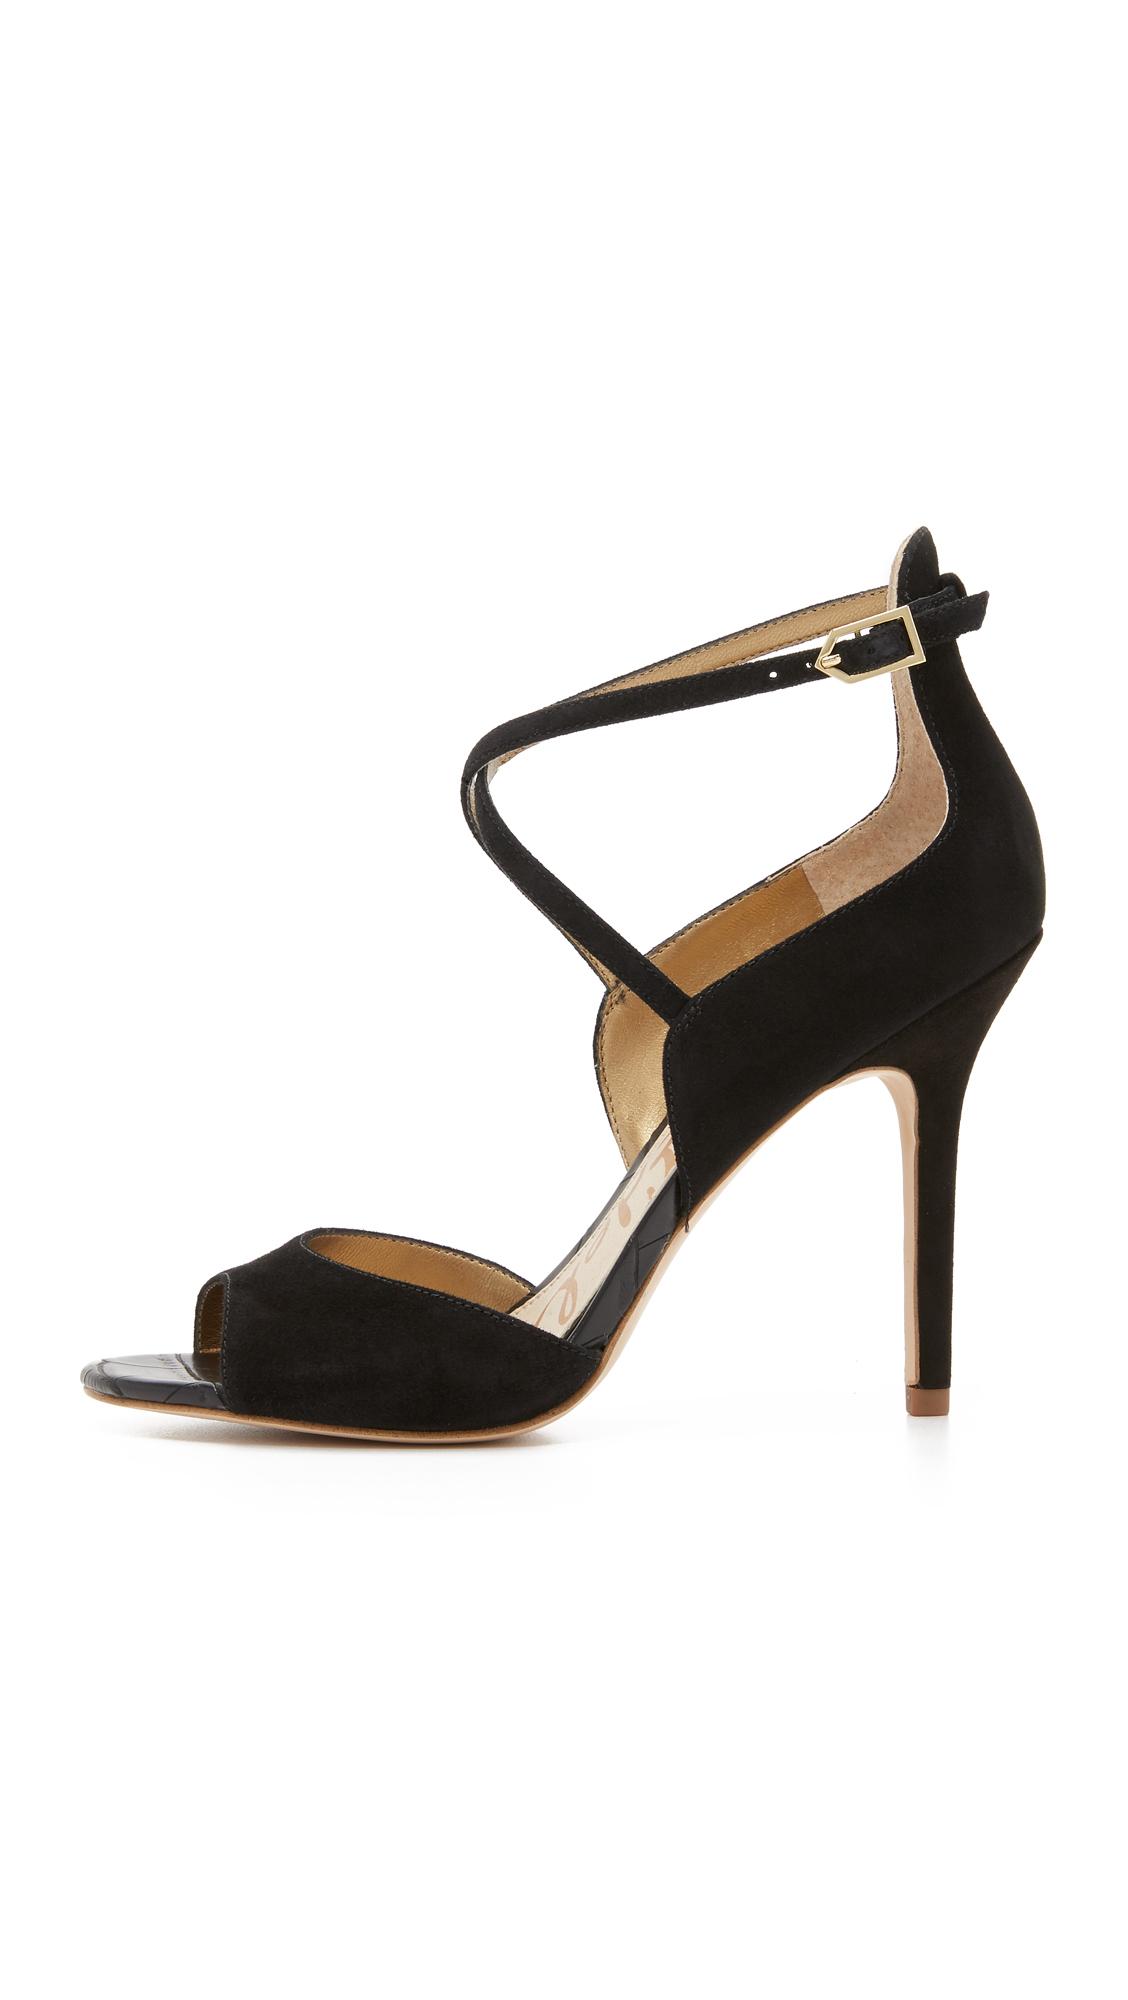 9c07bfb56a40 Lyst - Sam Edelman Audrey Sandals in Black